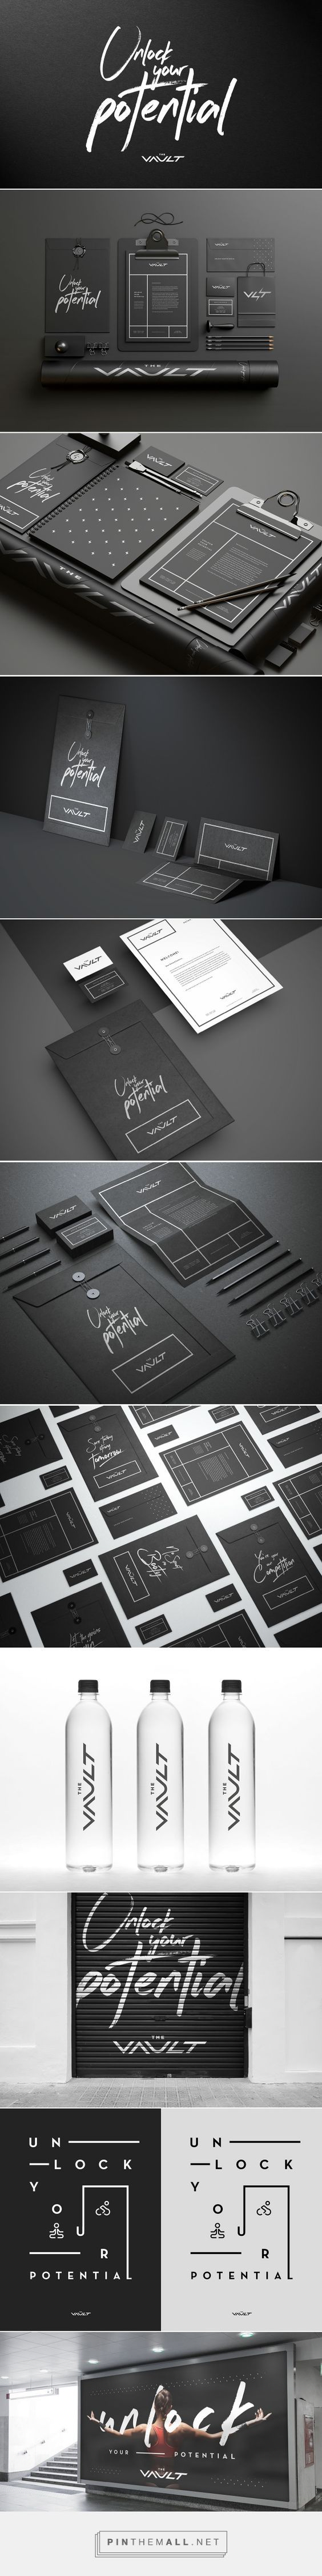 The Vault Branding on Behance | Fivestar Branding – Design and Branding Agency & Inspiration Gallery